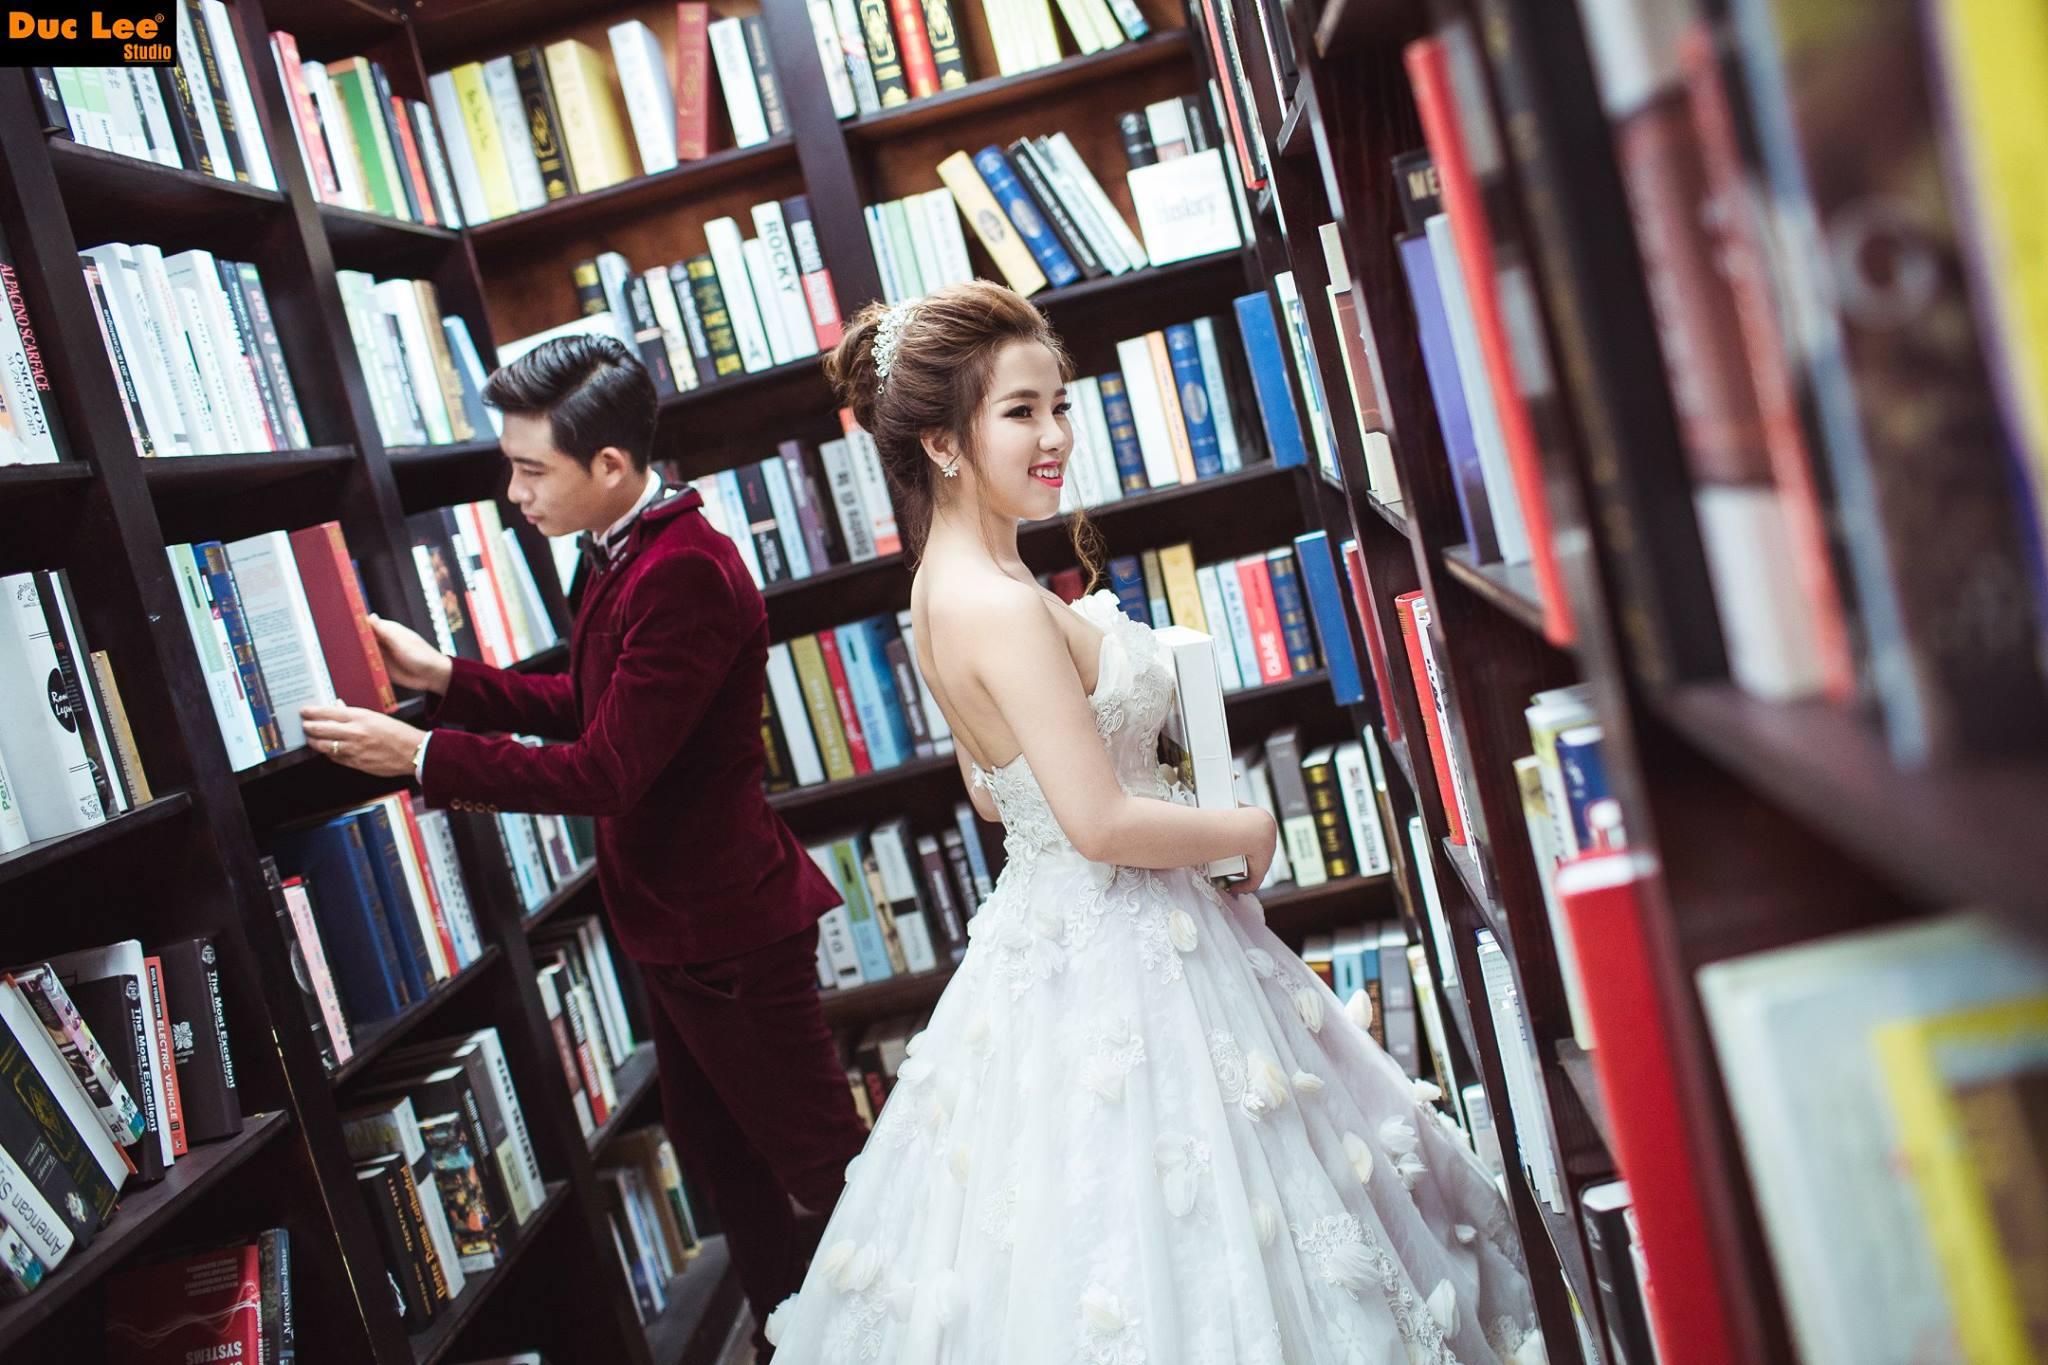 Tổng Hợp Ảnh Cưới Đẹp Phim Trường Jeju